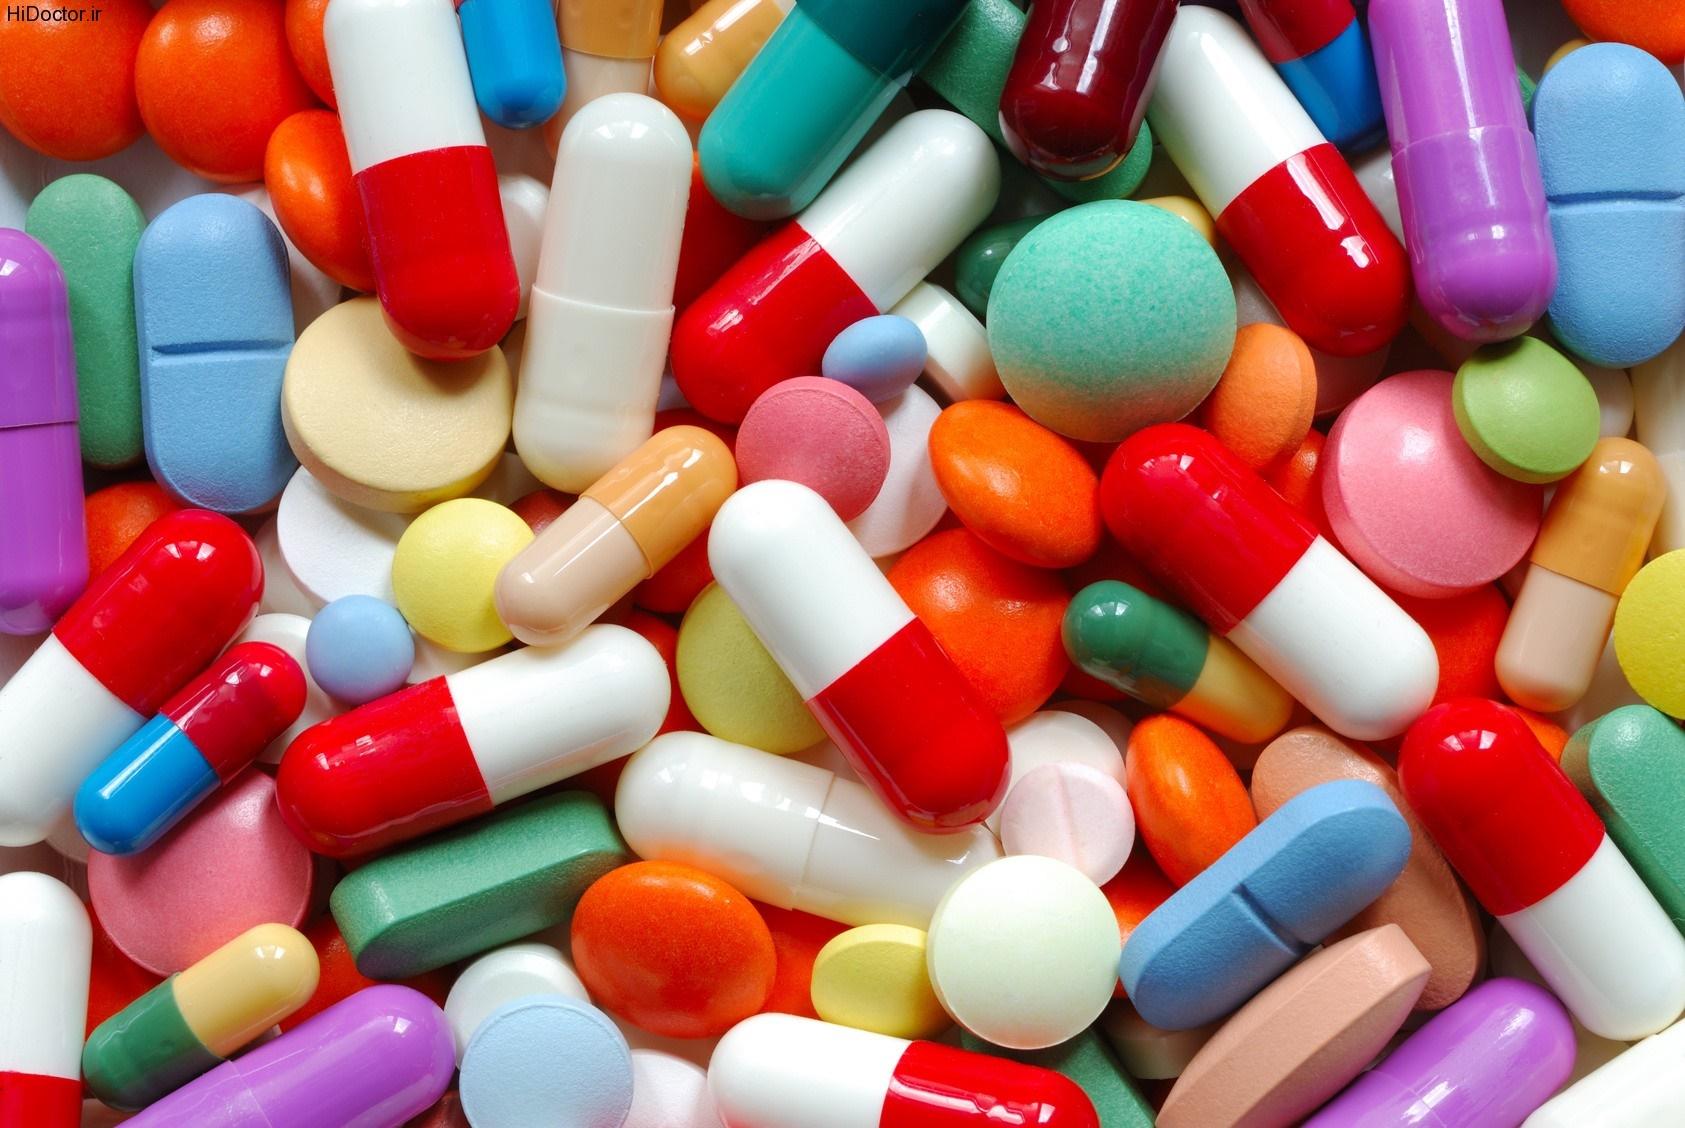 آیا مصرف آنتیبیوتیک بعد از مشاهده علائم بهبودی ضروری است؟